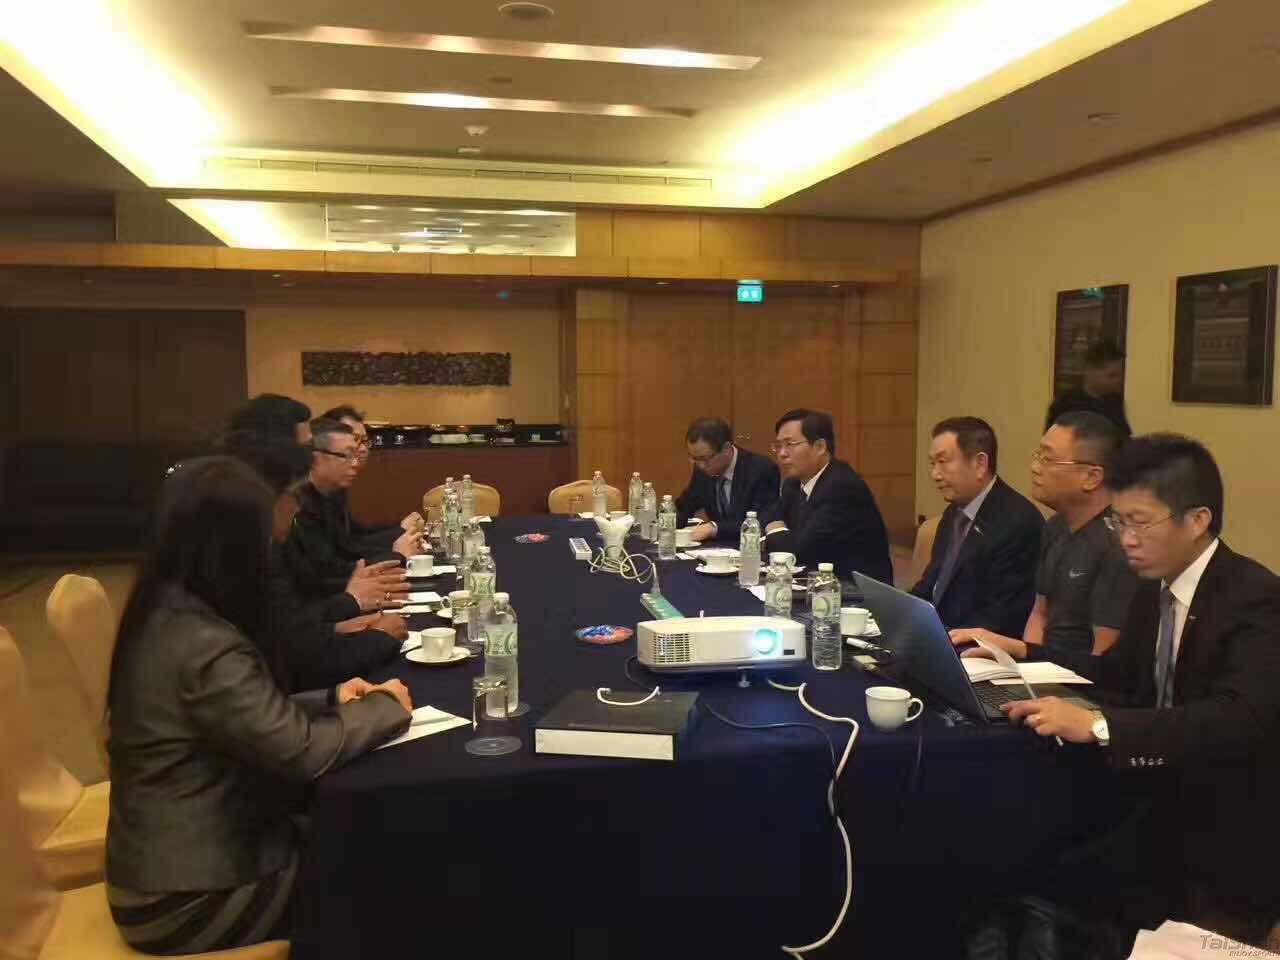 新加坡总理李显龙回应中新贸易问题-热点新加坡